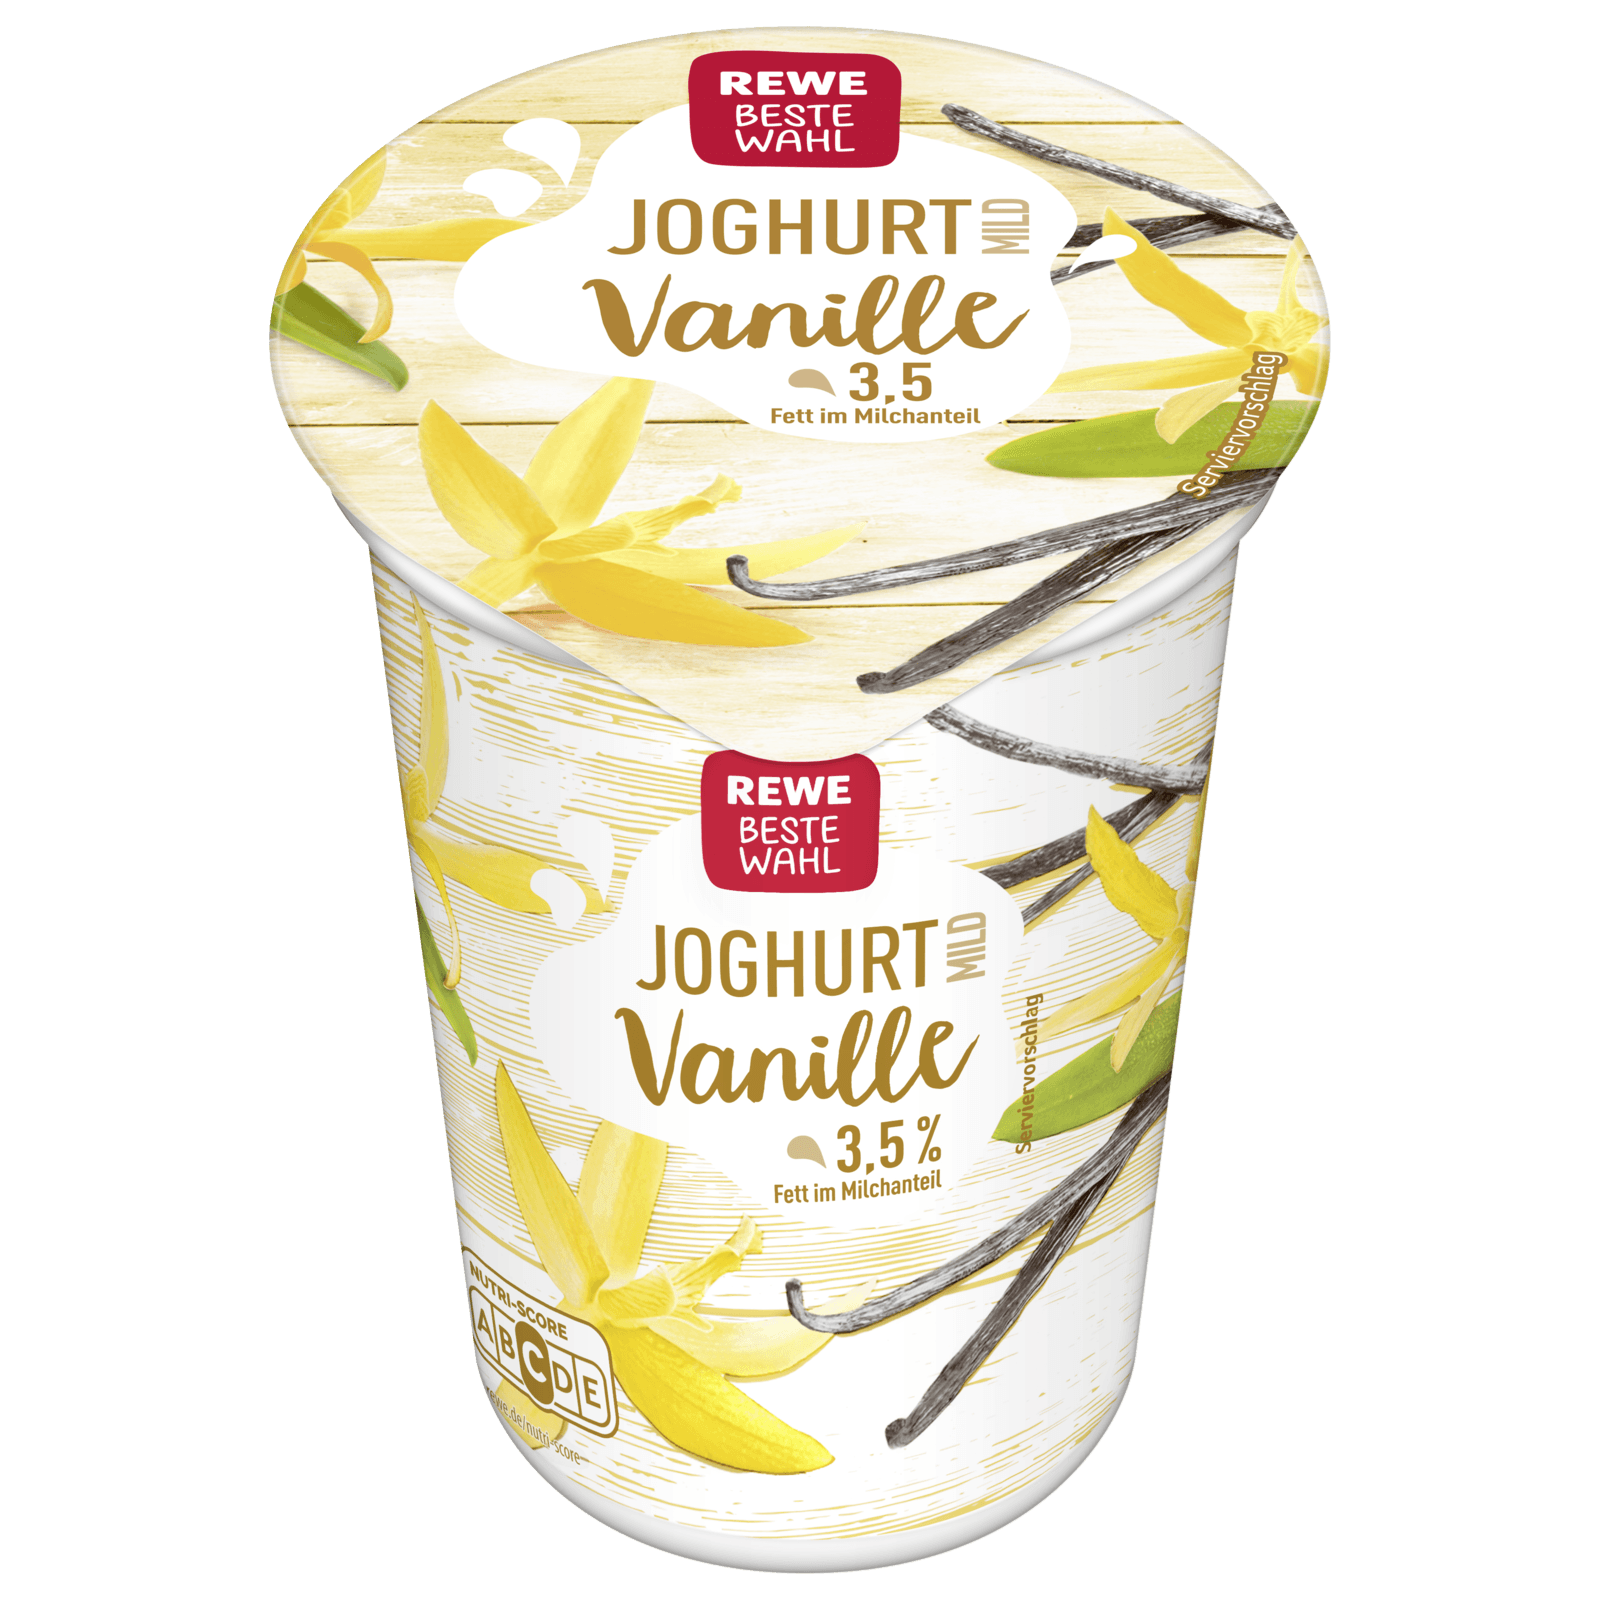 REWE Beste Wahl Joghurt mild Vanille 250g